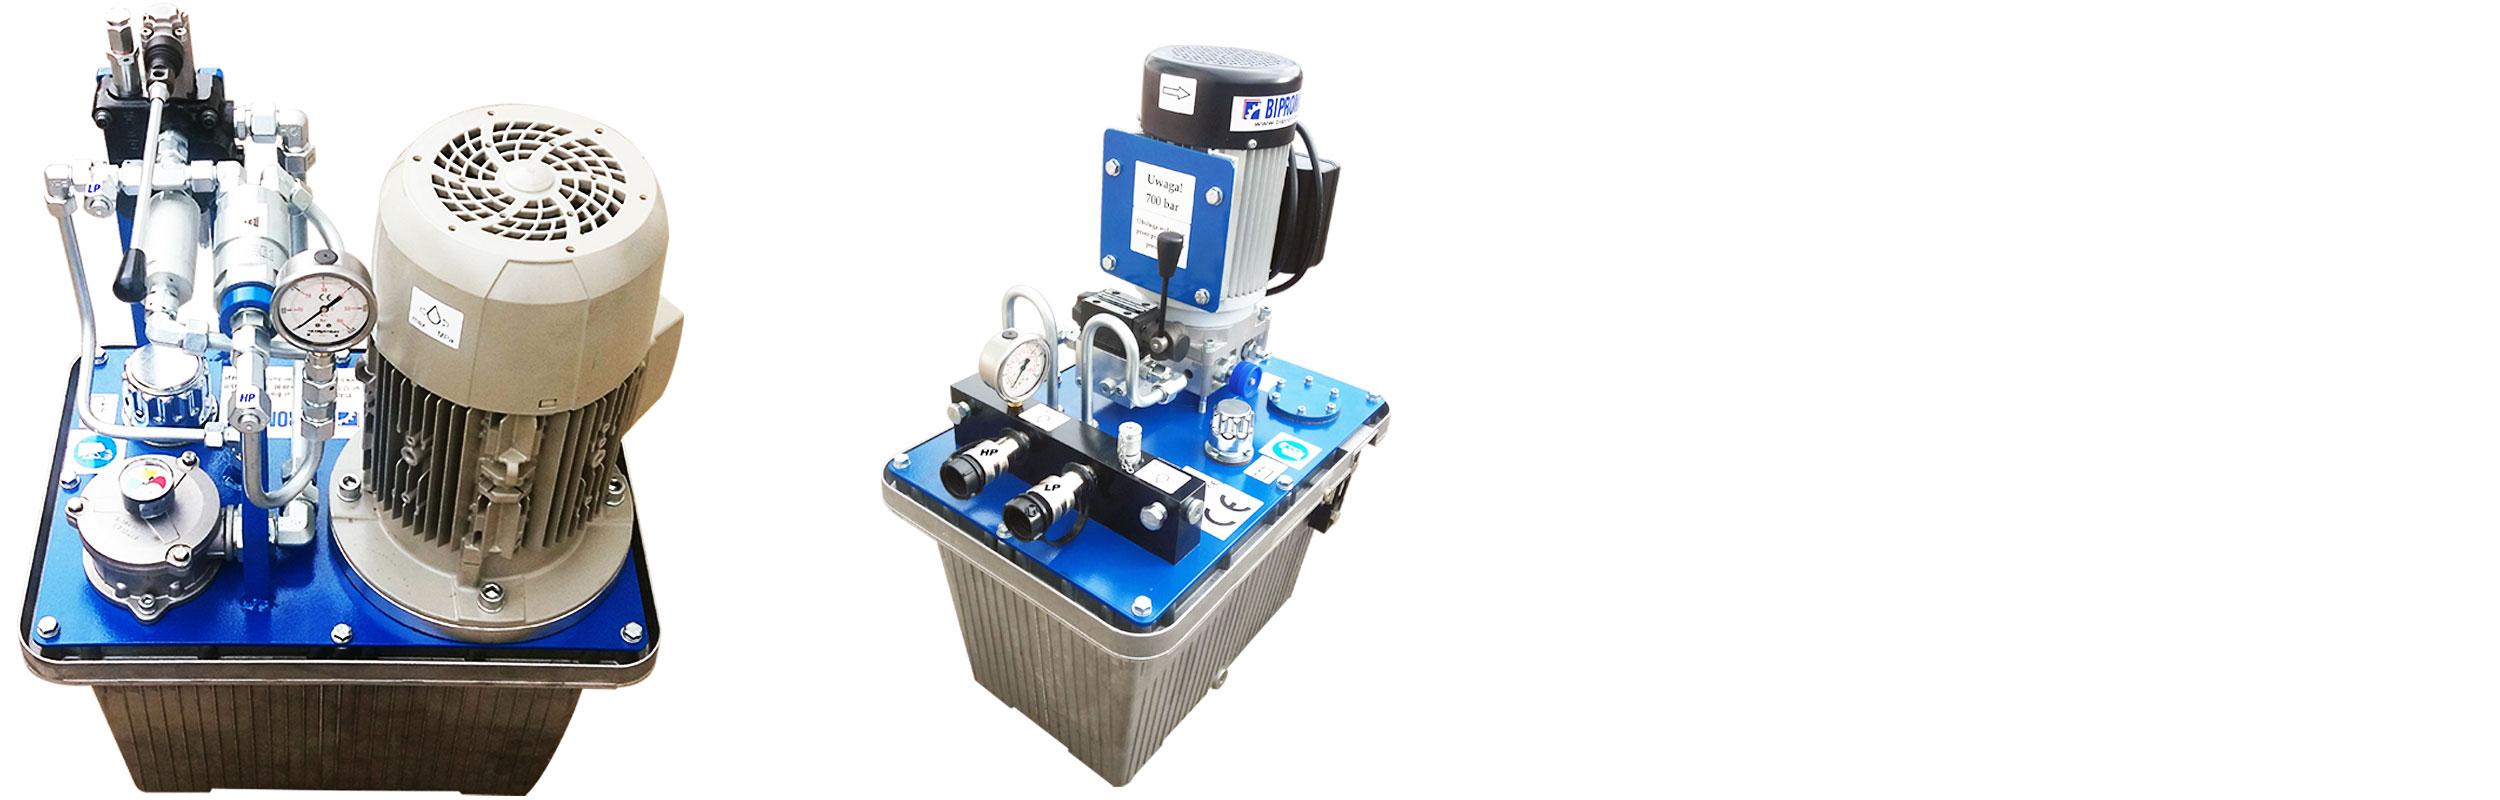 Agregaty hydrauliczne wysokociśnieniowe 700 bar typu AHM700 z multiplikatorem ciśnienia